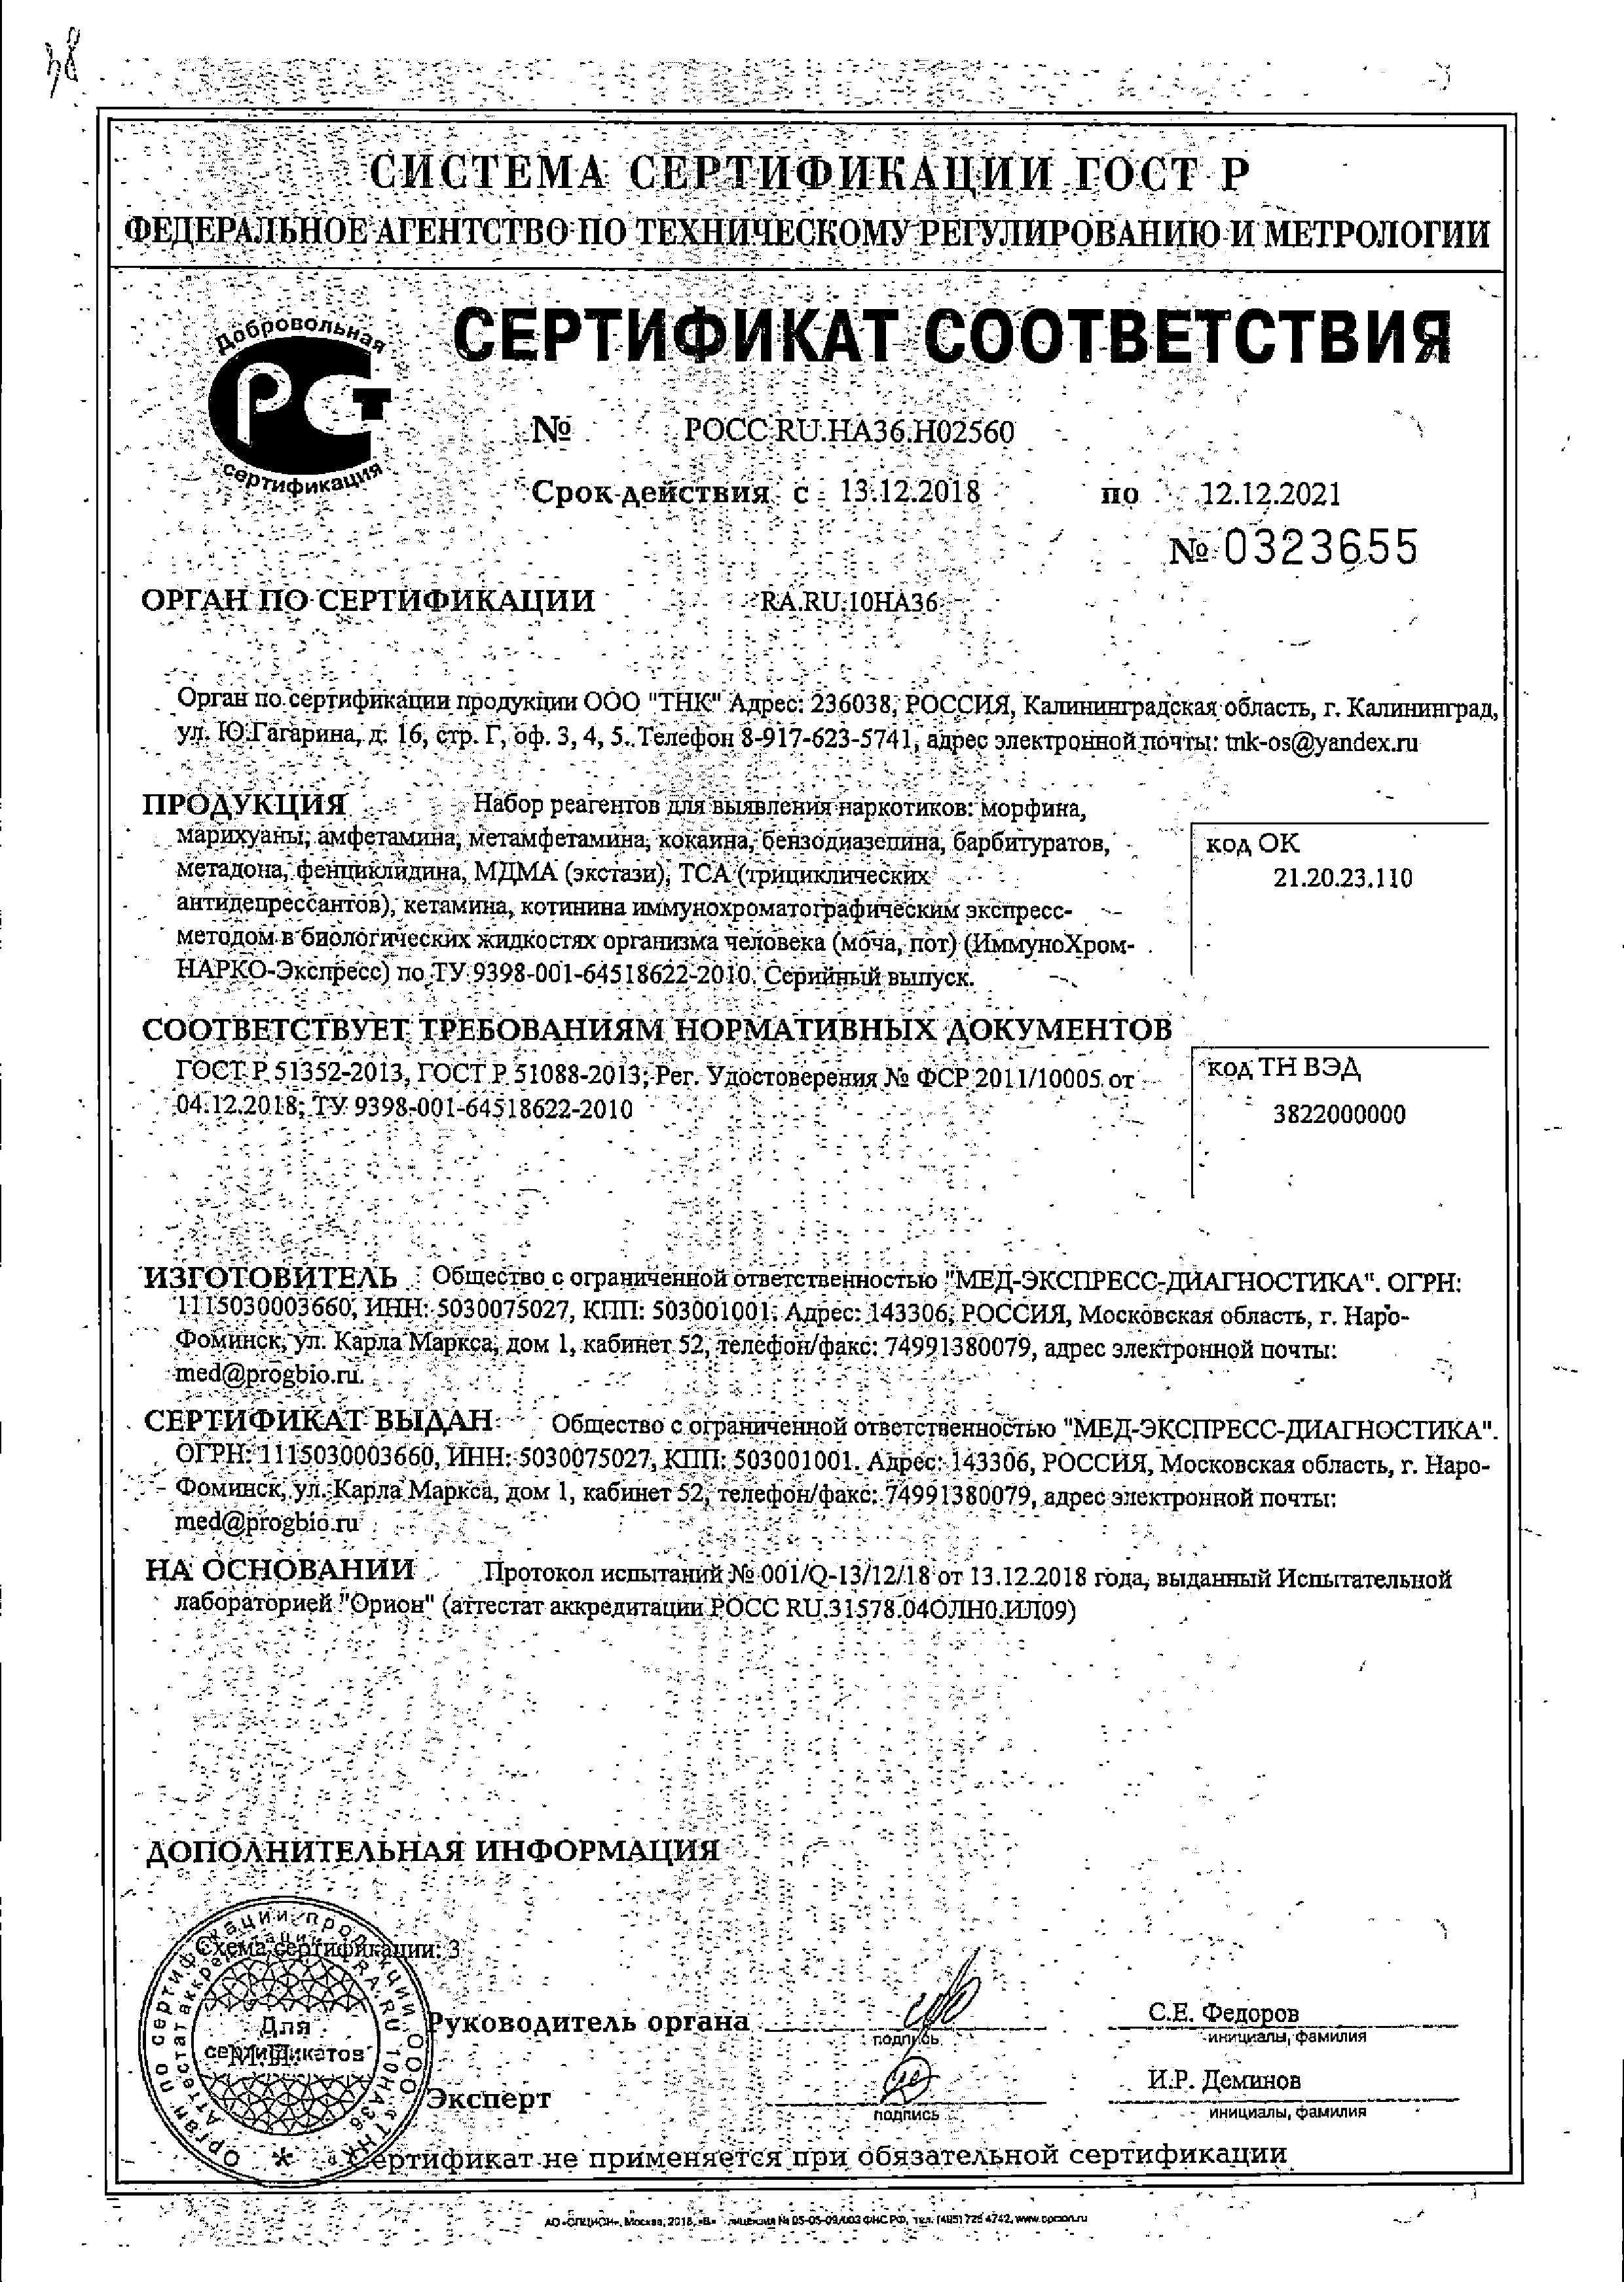 Тест на наркотики ИммуноХром-10-Мульти-Экспресс сертификат